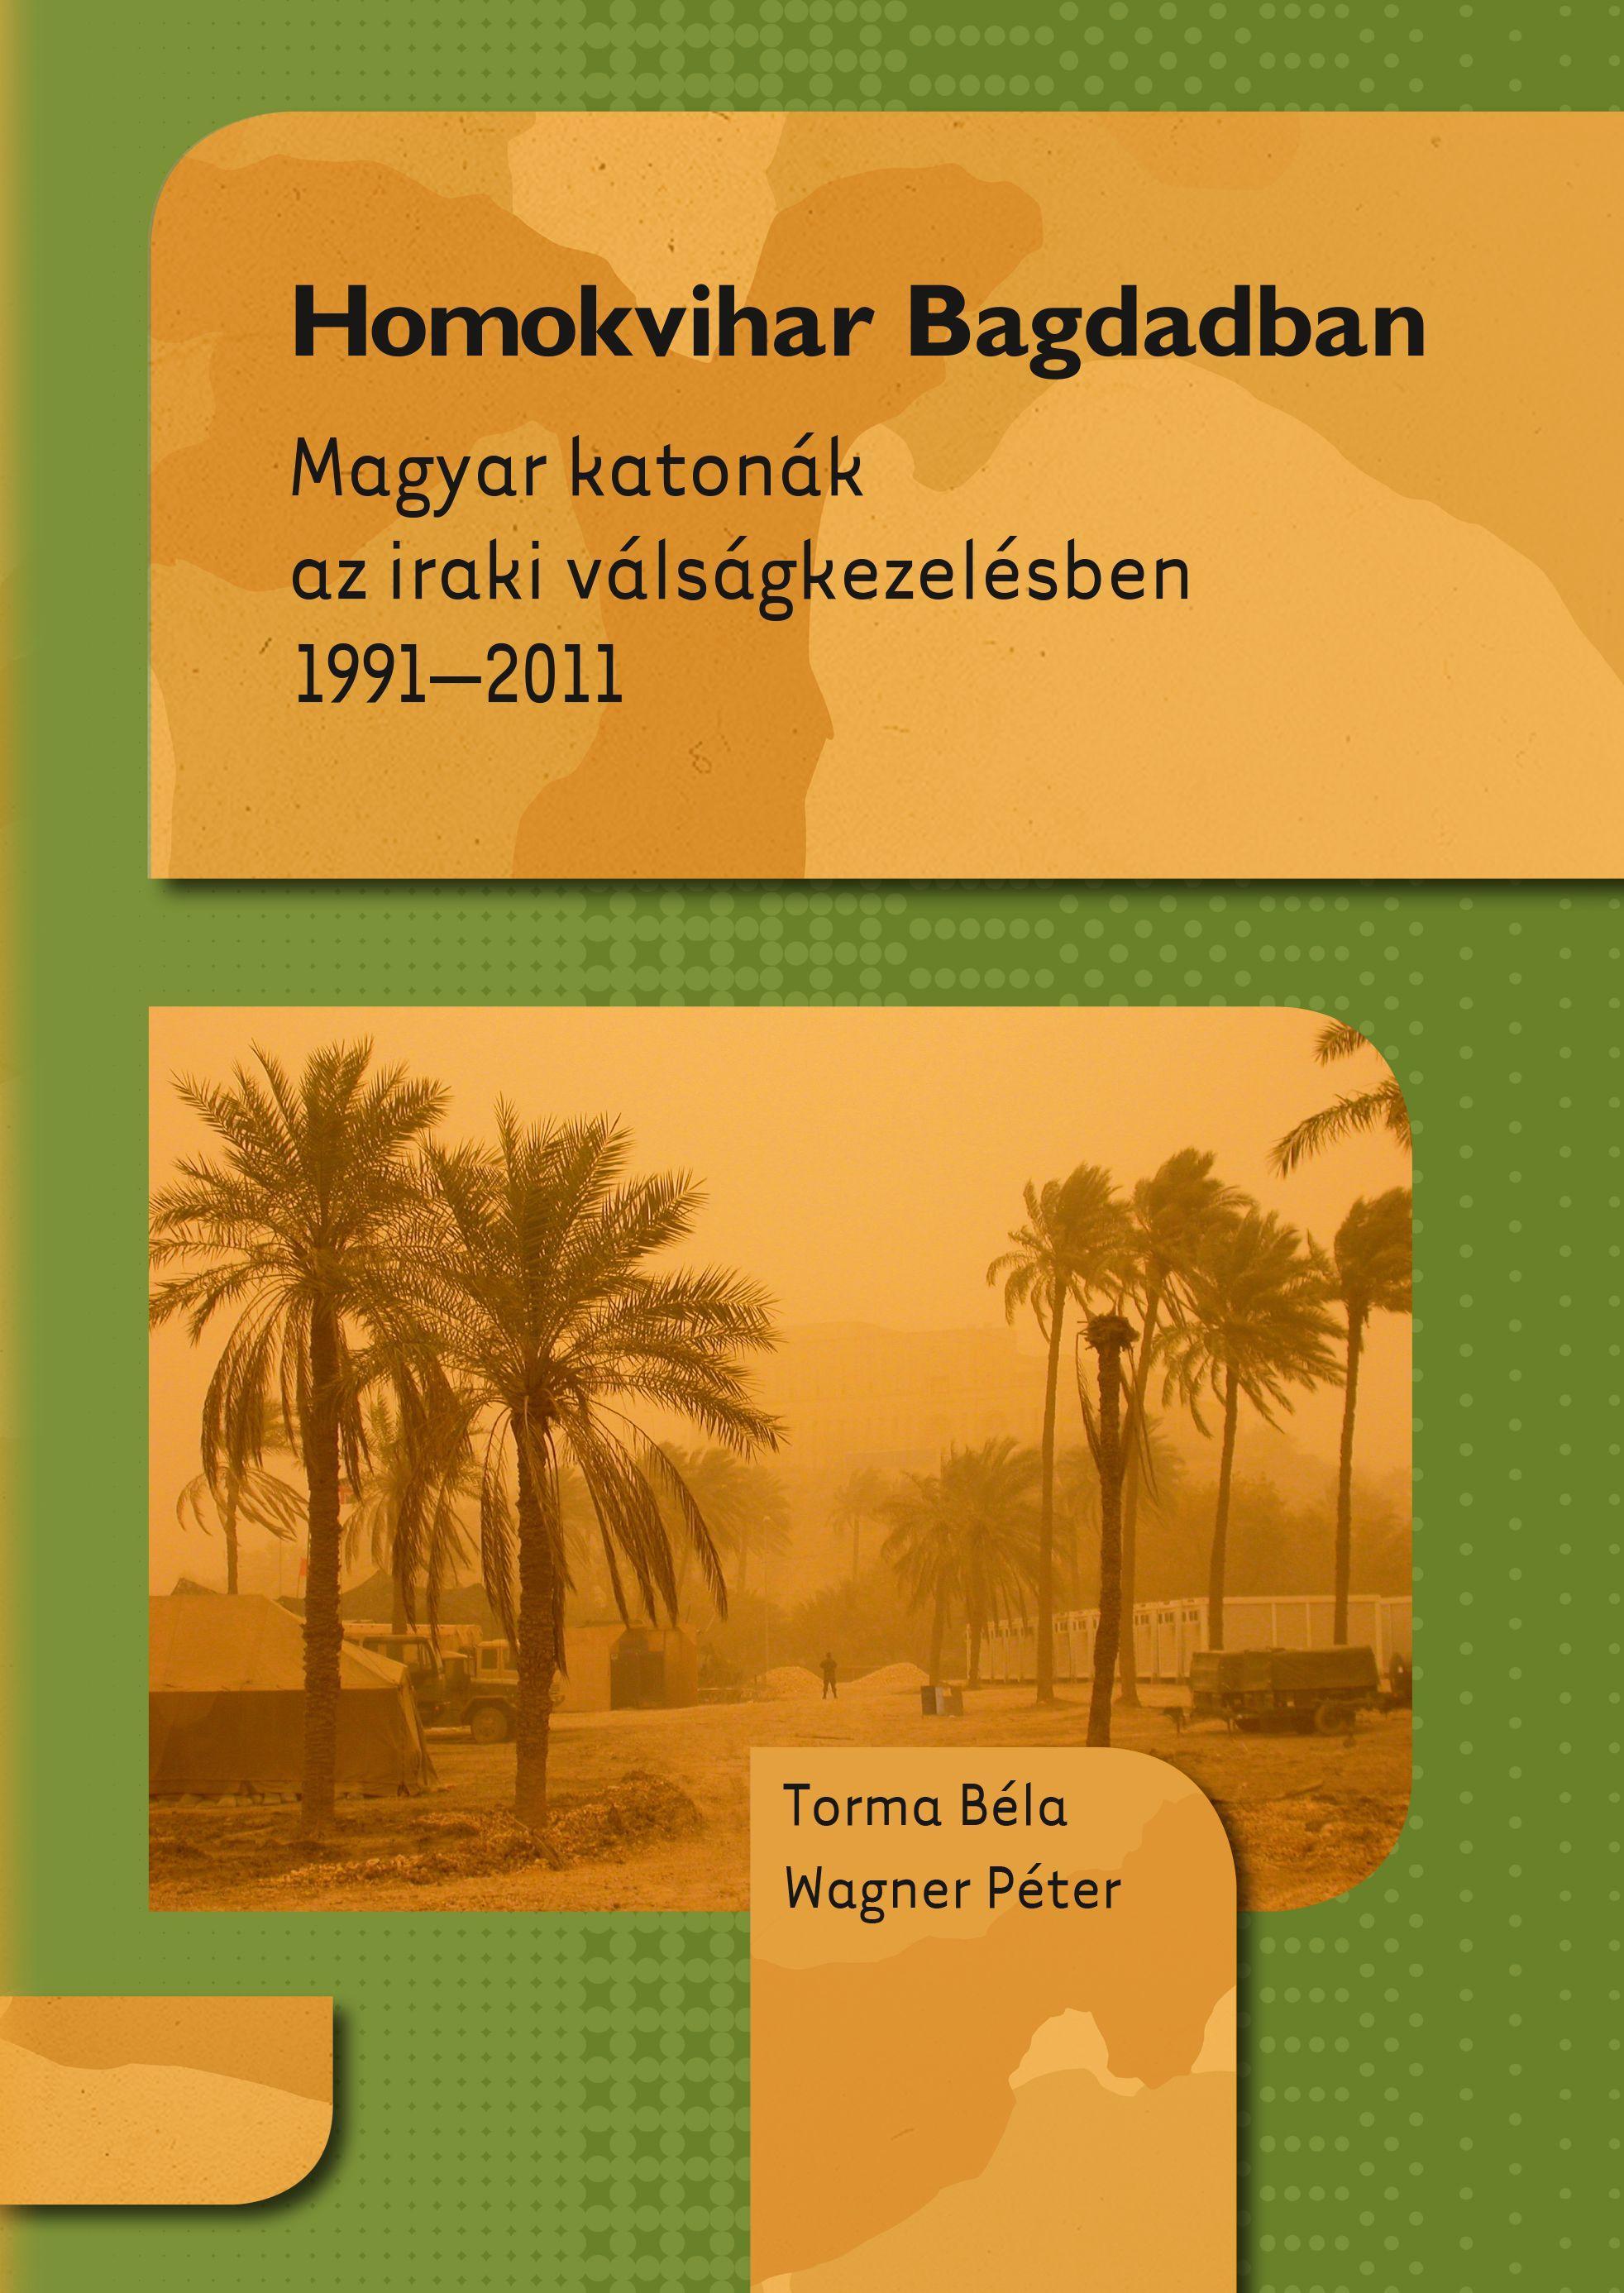 HOMOKVIHAR BAGDADBAN - MAGYAR KATONÁK AZ IRAKI VÁLSÁGKEZELÉSBEN 1991-2011